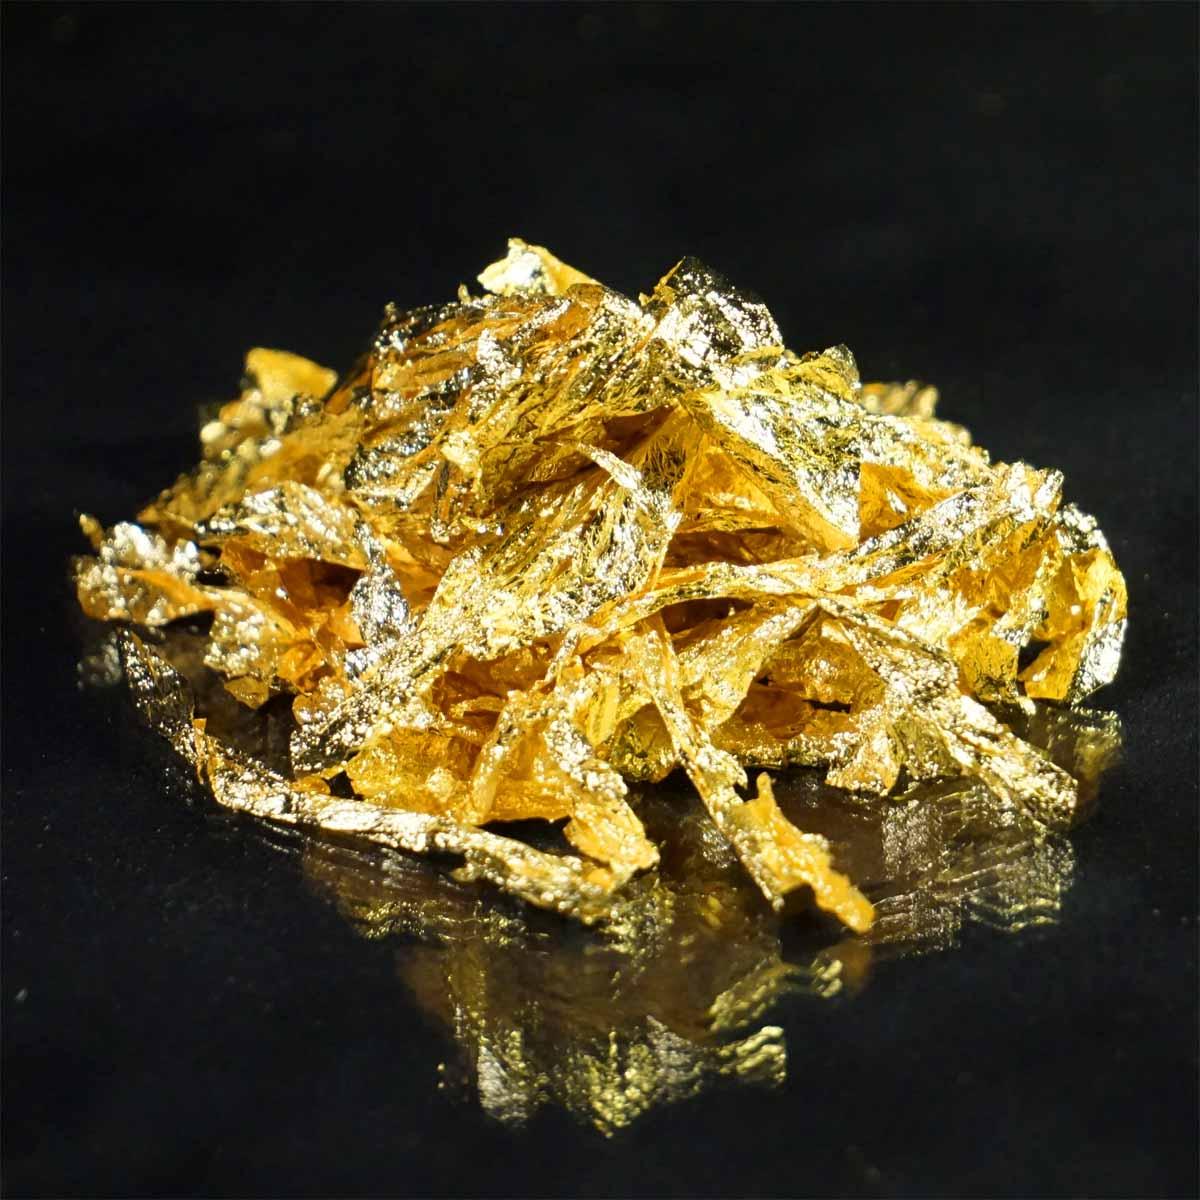 23.5K Gold Flakes (Large) - L.A. Gold Leaf Wholesaler U.S.